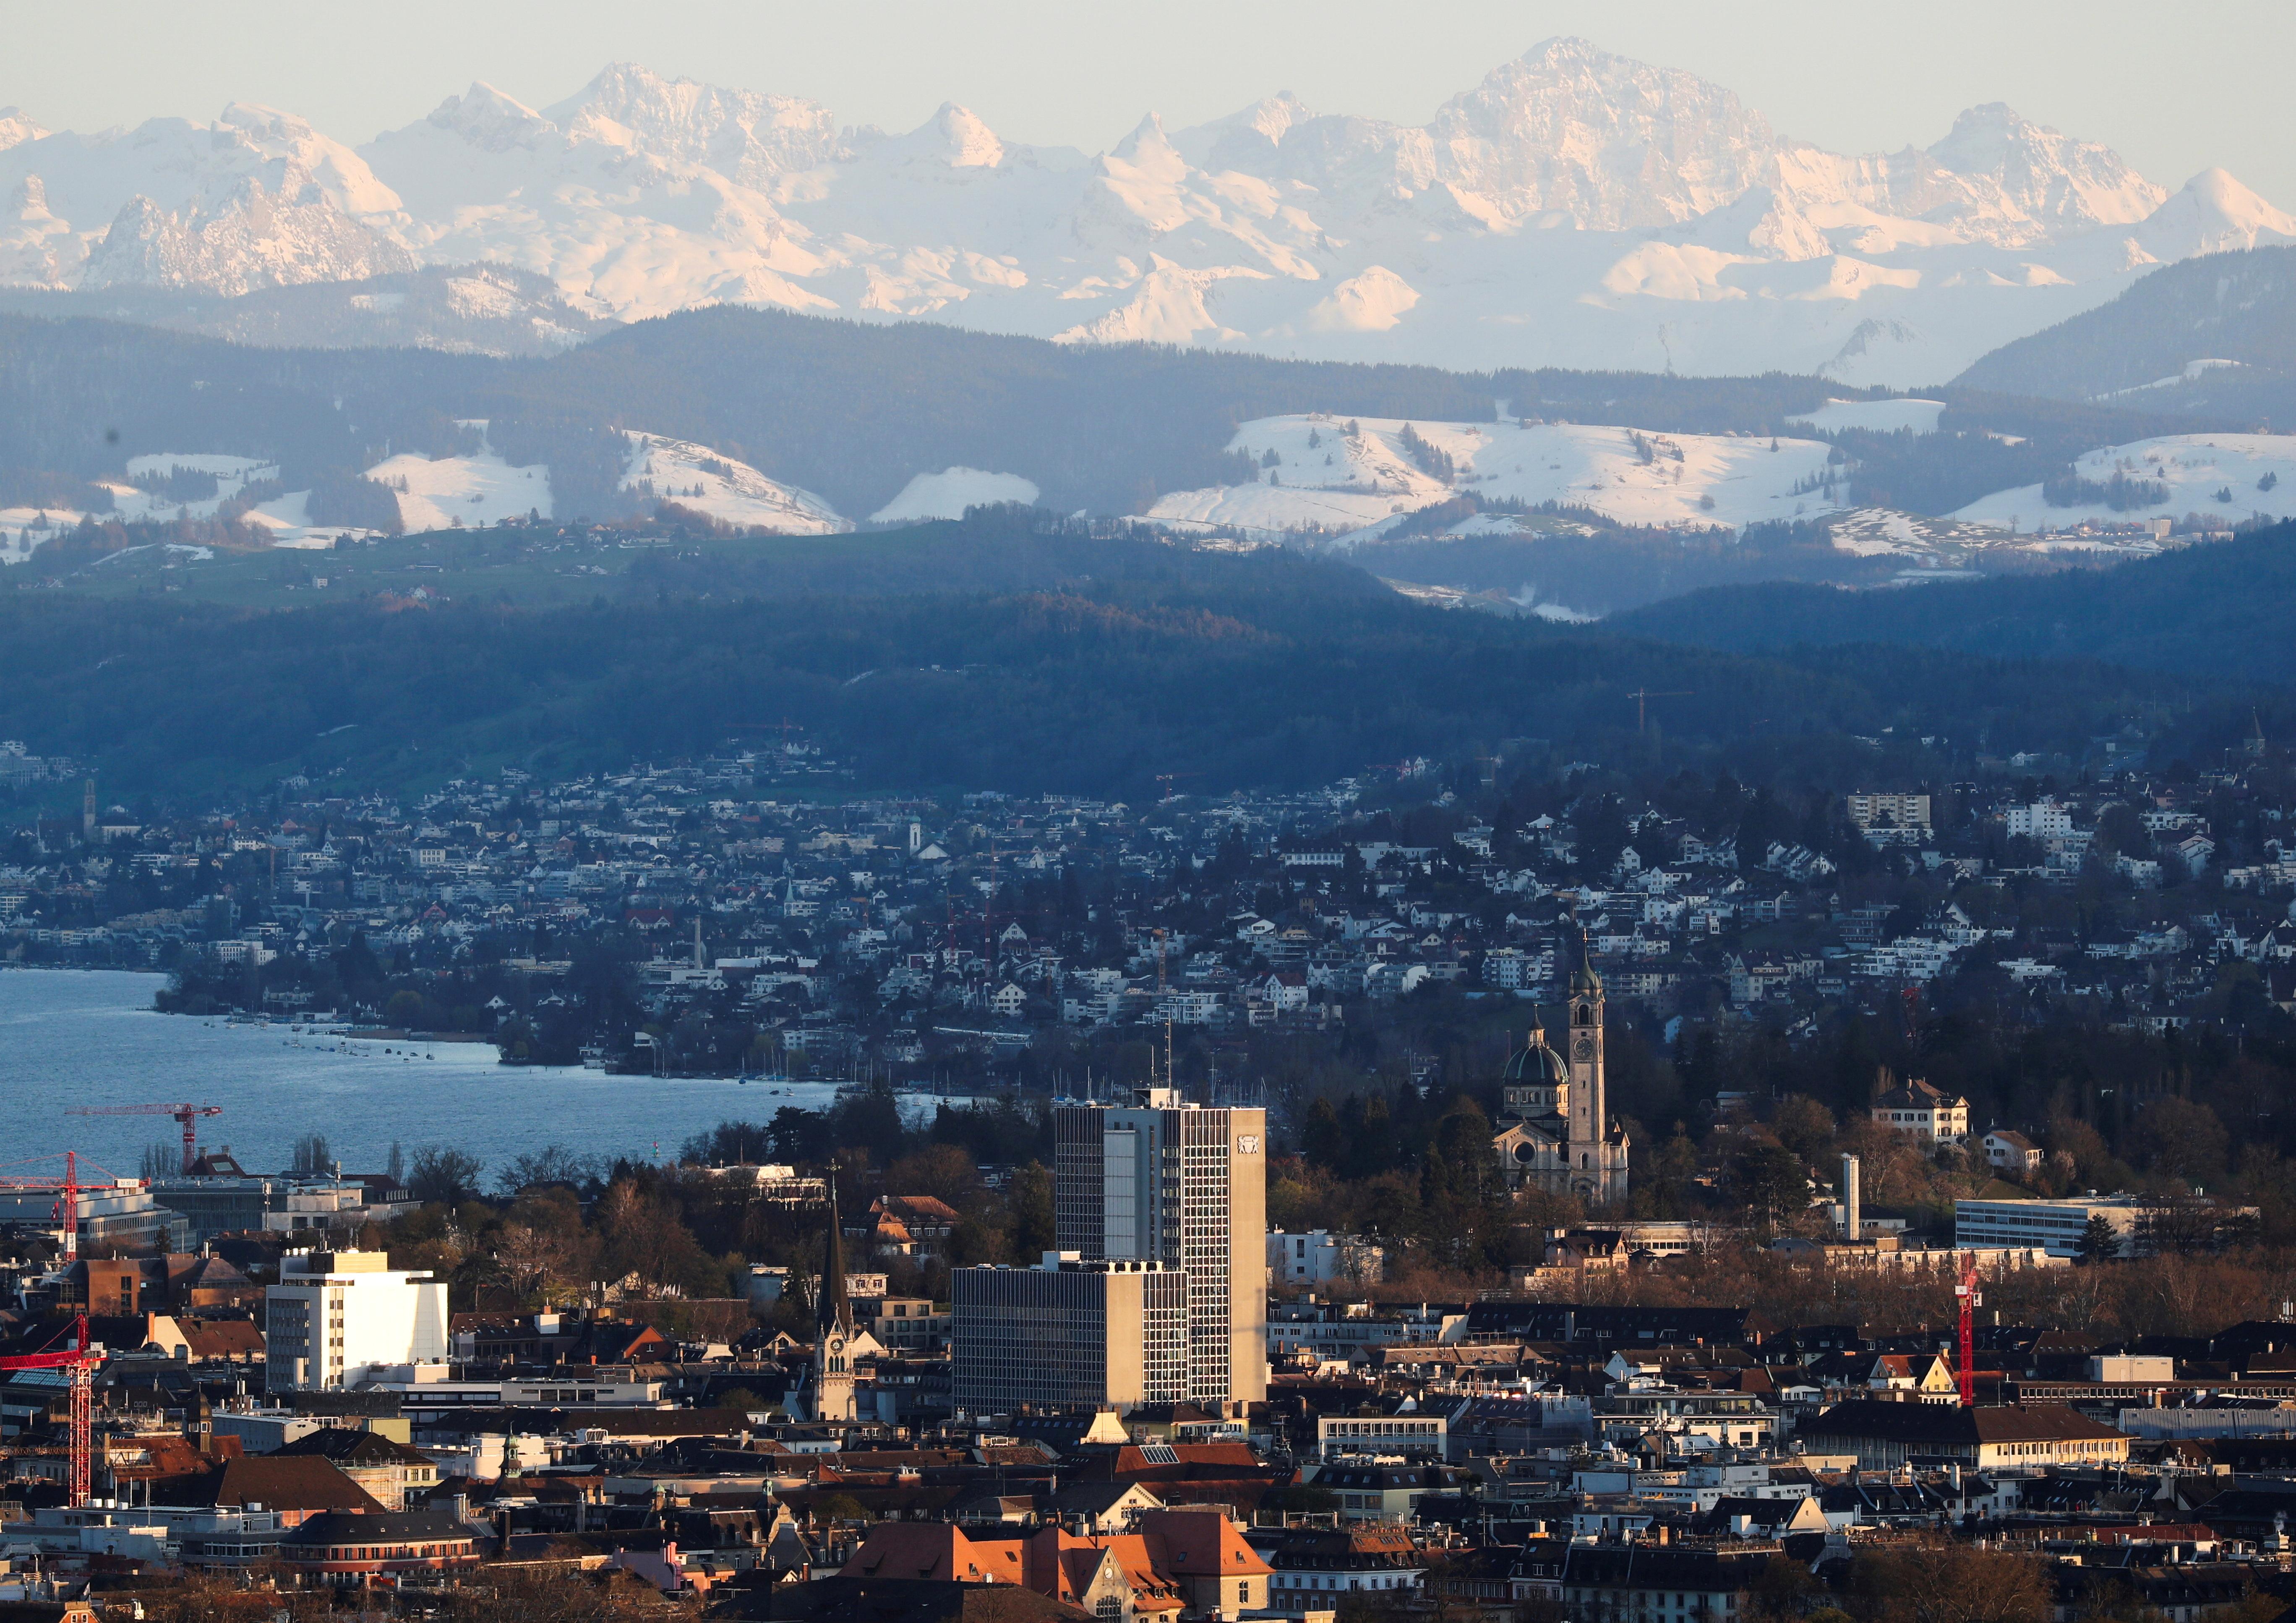 The Verwaltungszentrum Werd administration center is seen in front of the eastern Swiss Alps and Lake Zurich in Zurich, Switzerland, April 8, 2021.  REUTERS/Arnd Wiegmann